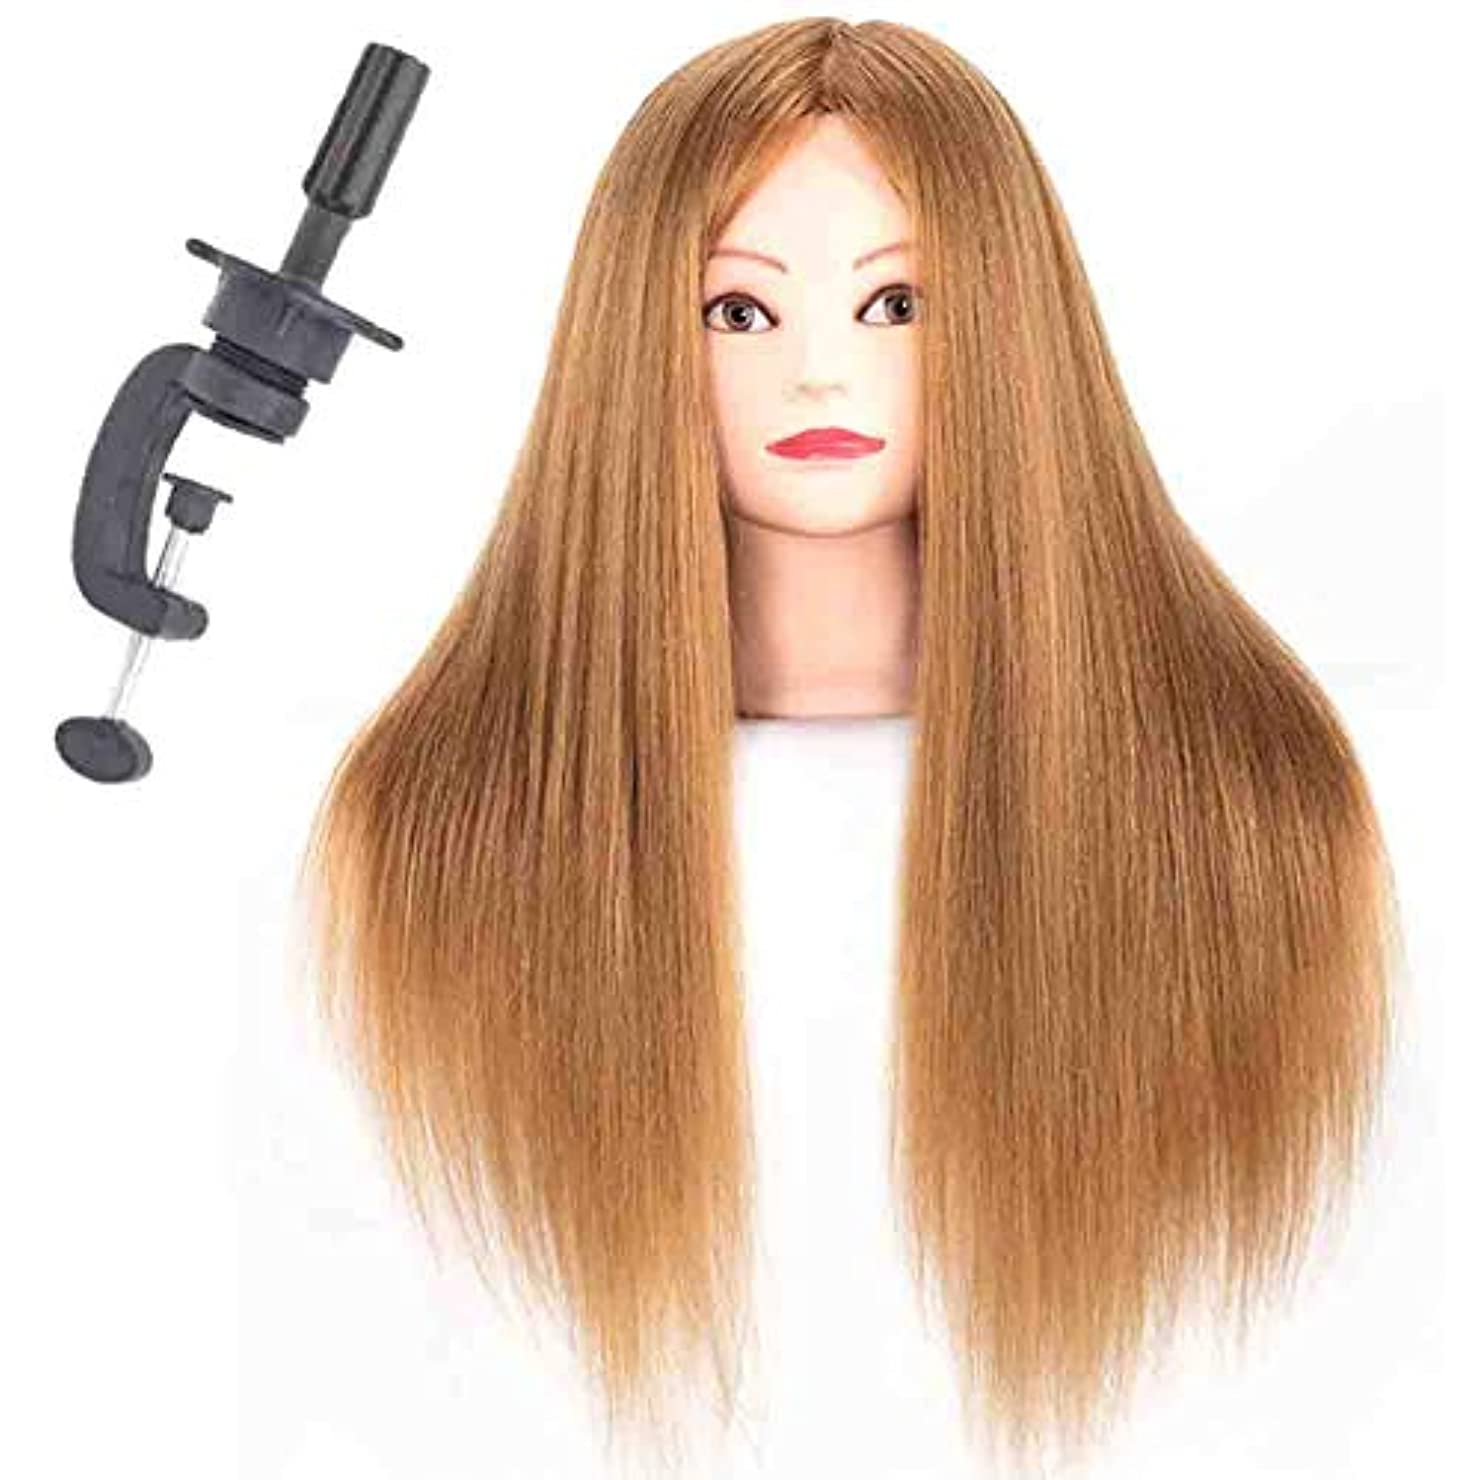 協力的回復スティーブンソン85%ミックスリアルヘアトレーニングヘッド花嫁ヘア三つ編みヘアサロンヘアカットカーリングロッド形状モデルダミーヘッド